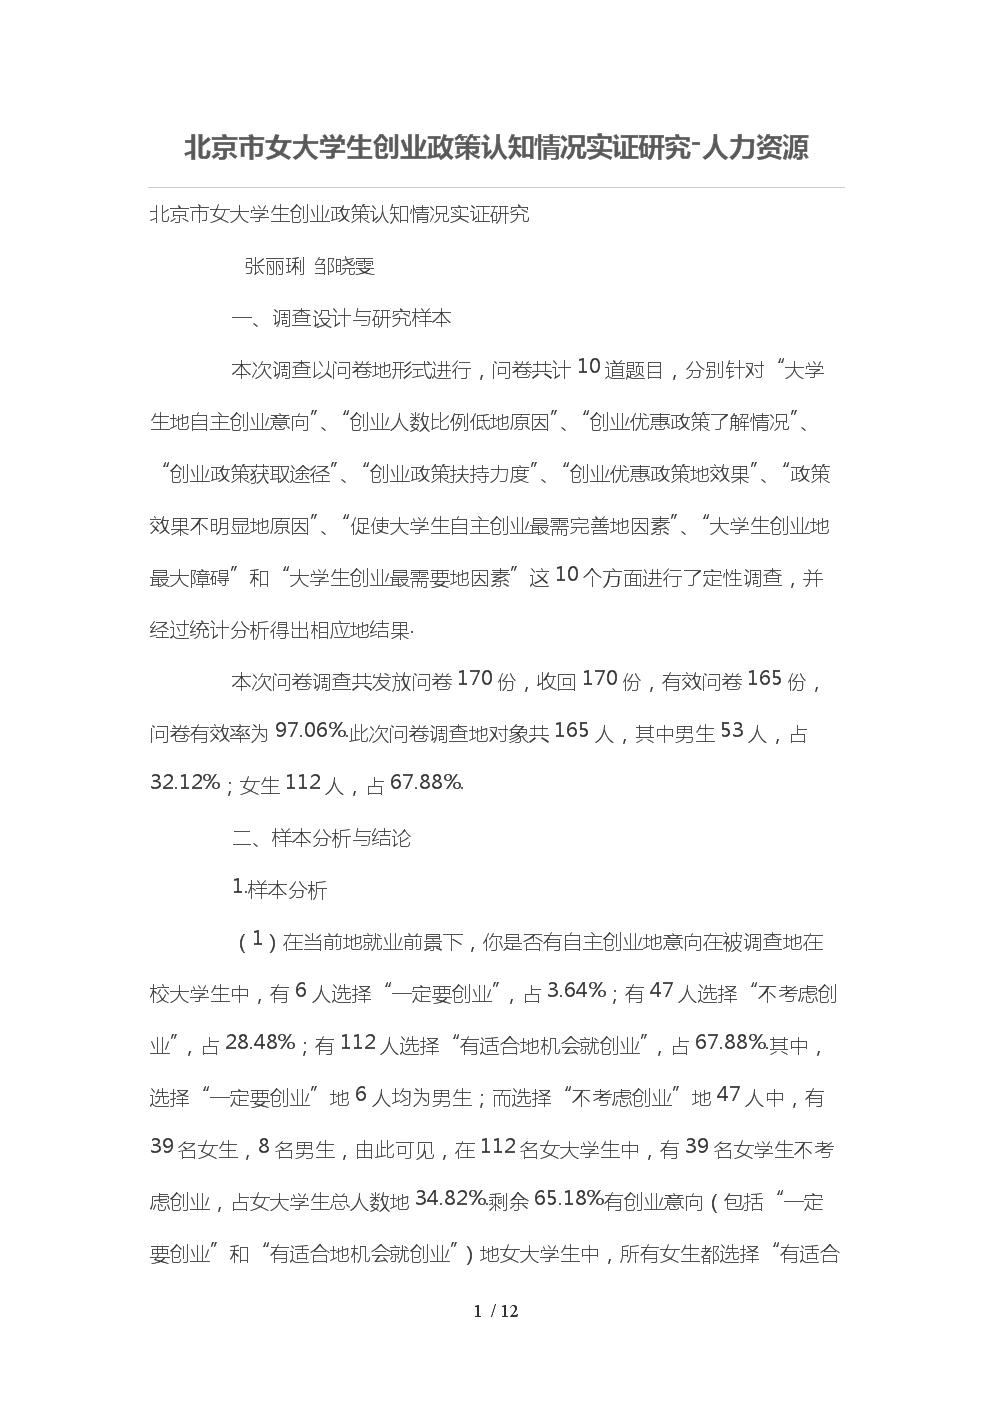 北京女大学生业政策认知情况实证研究.doc